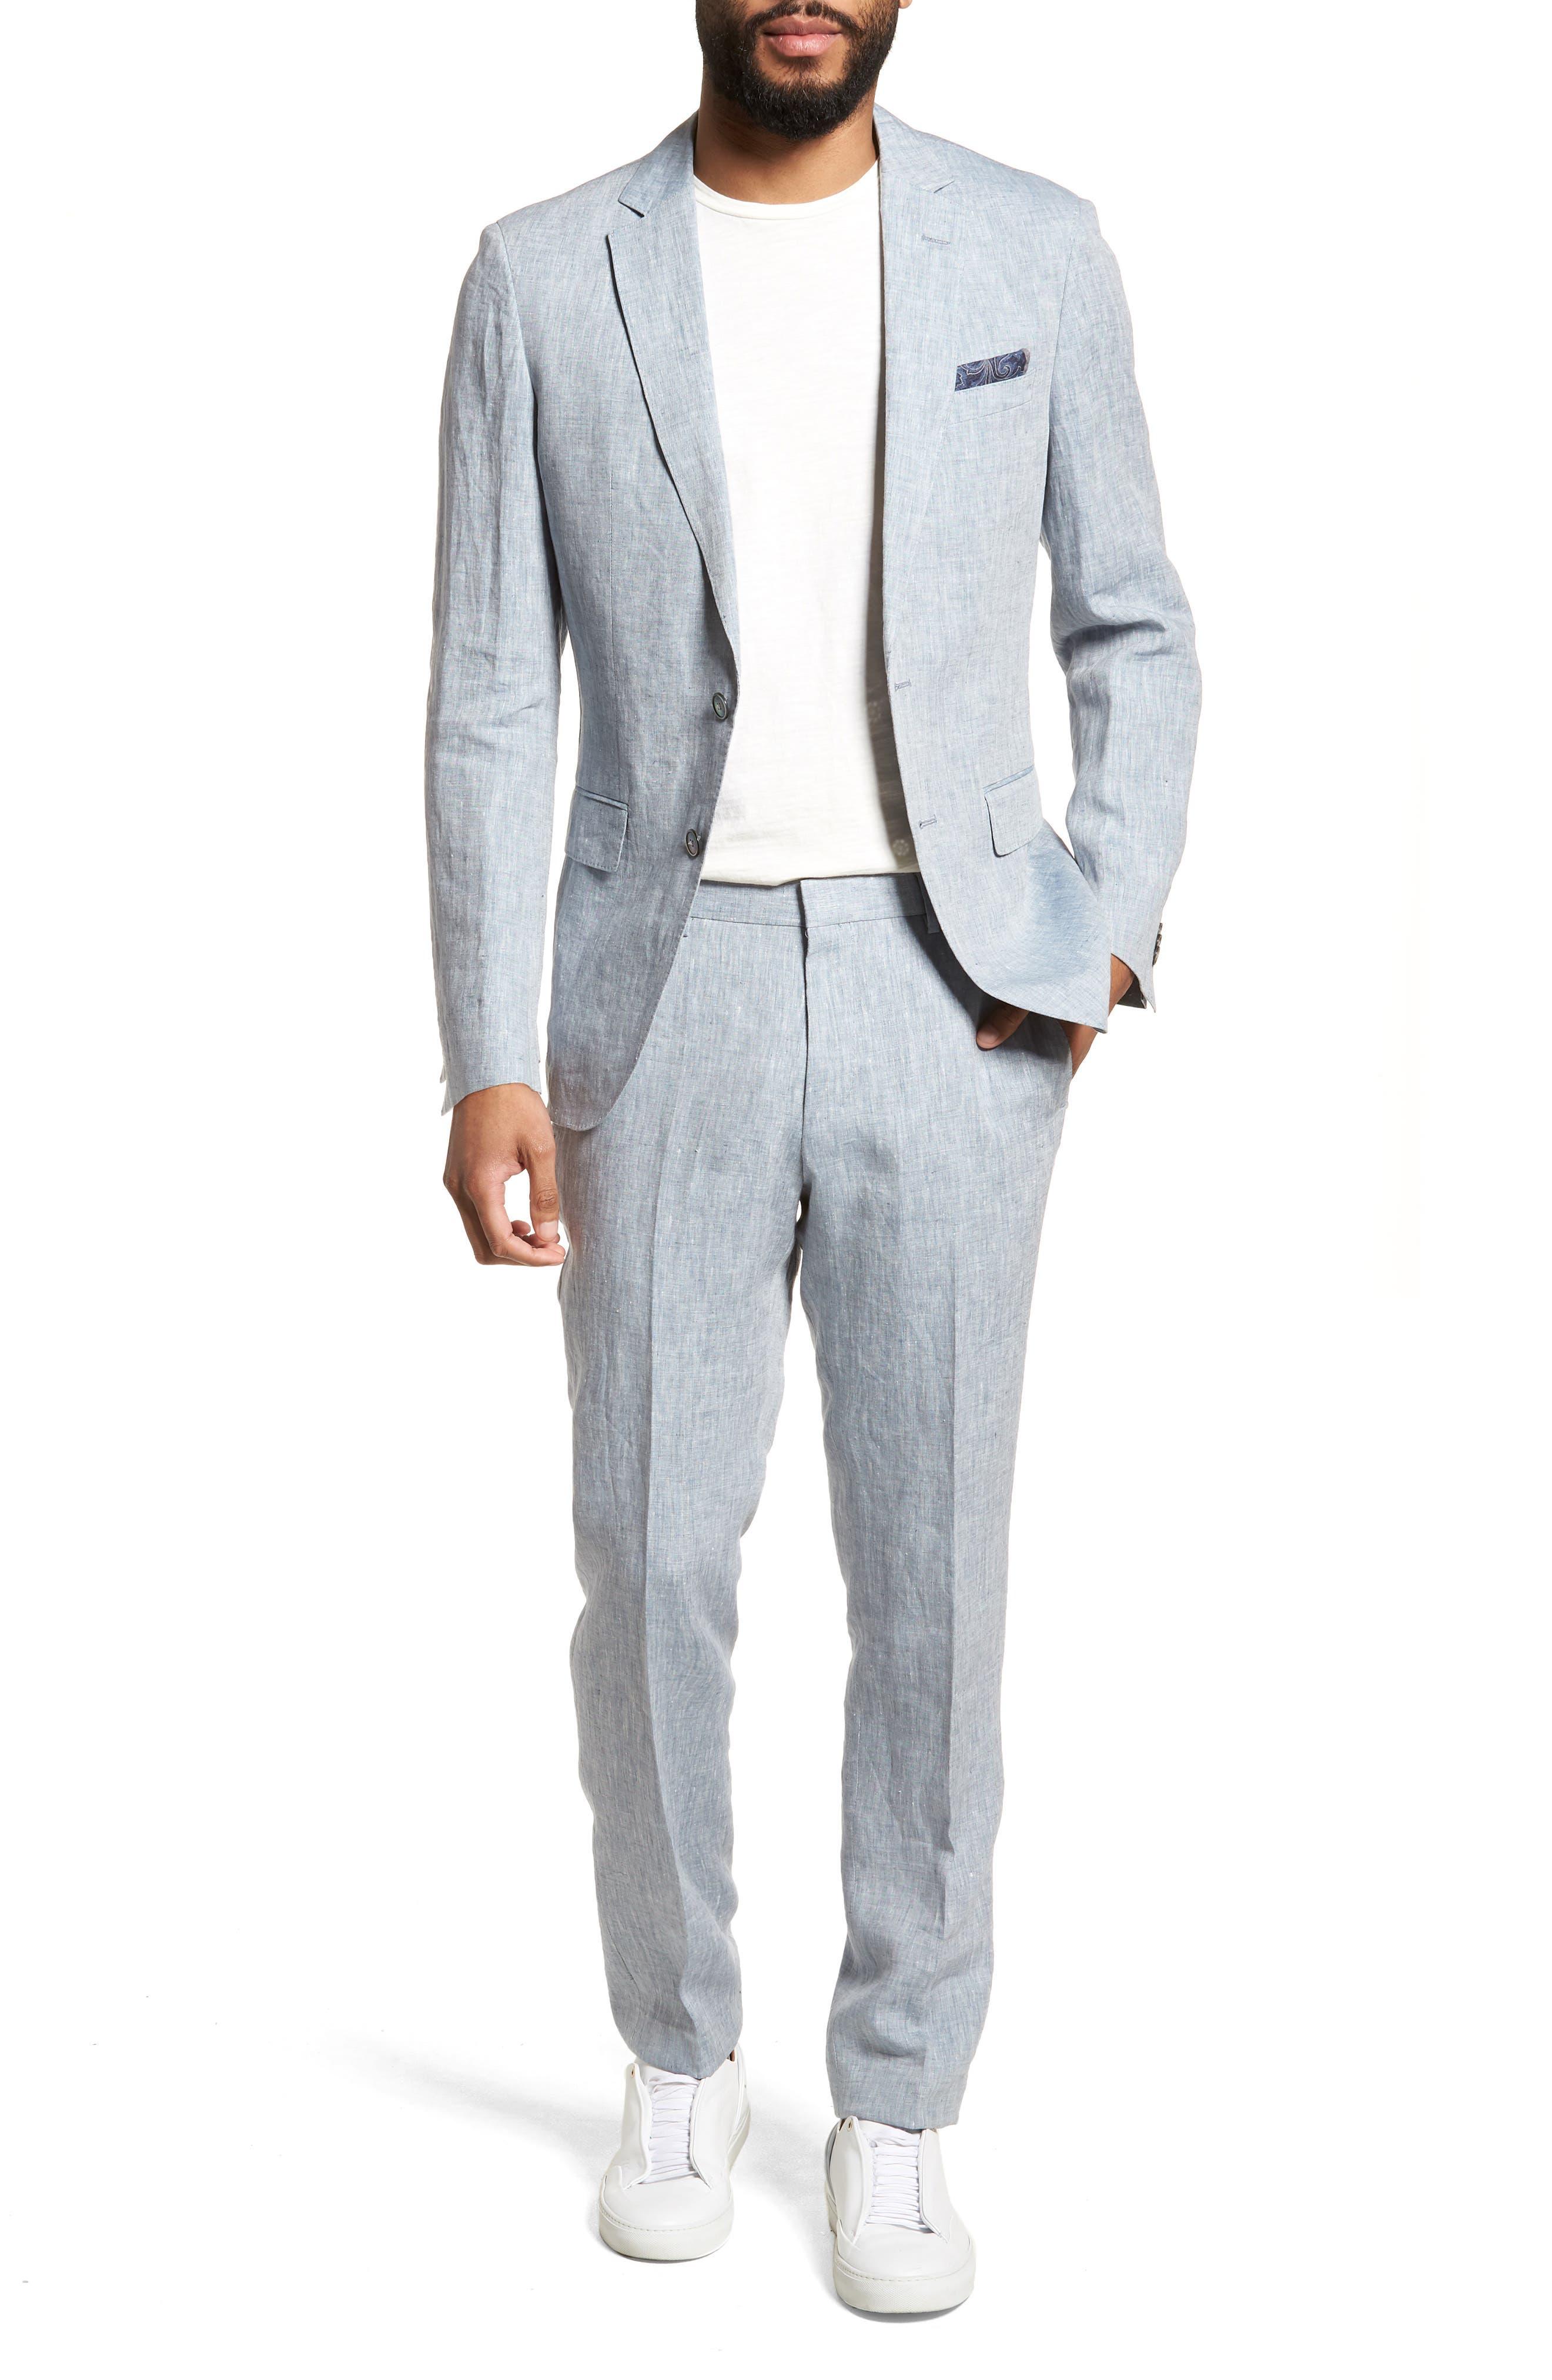 Helford/Gander Trim Fit Solid Linen Suit,                         Main,                         color, Light Blue